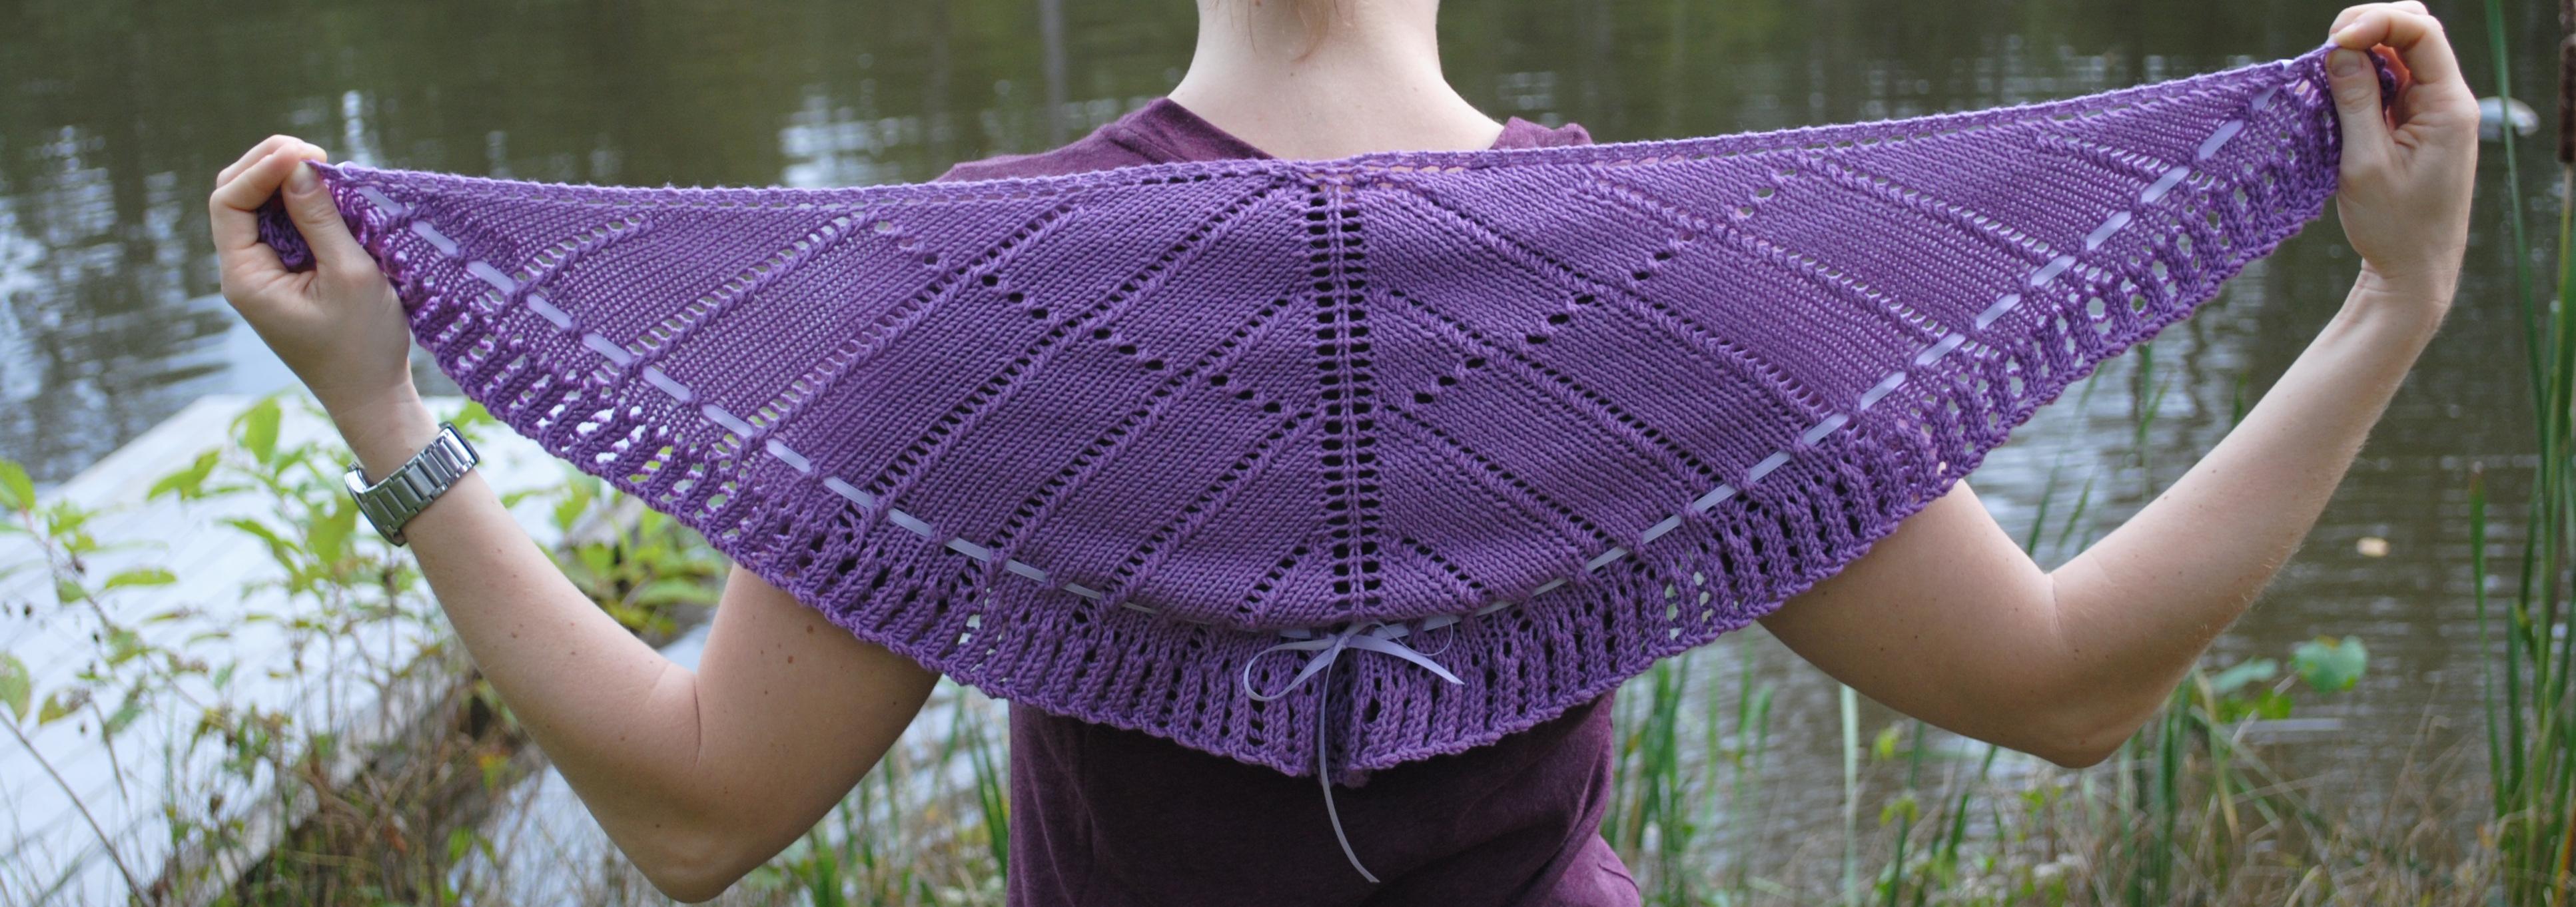 Shawlette Knitting Patterns | A Knitting Blog